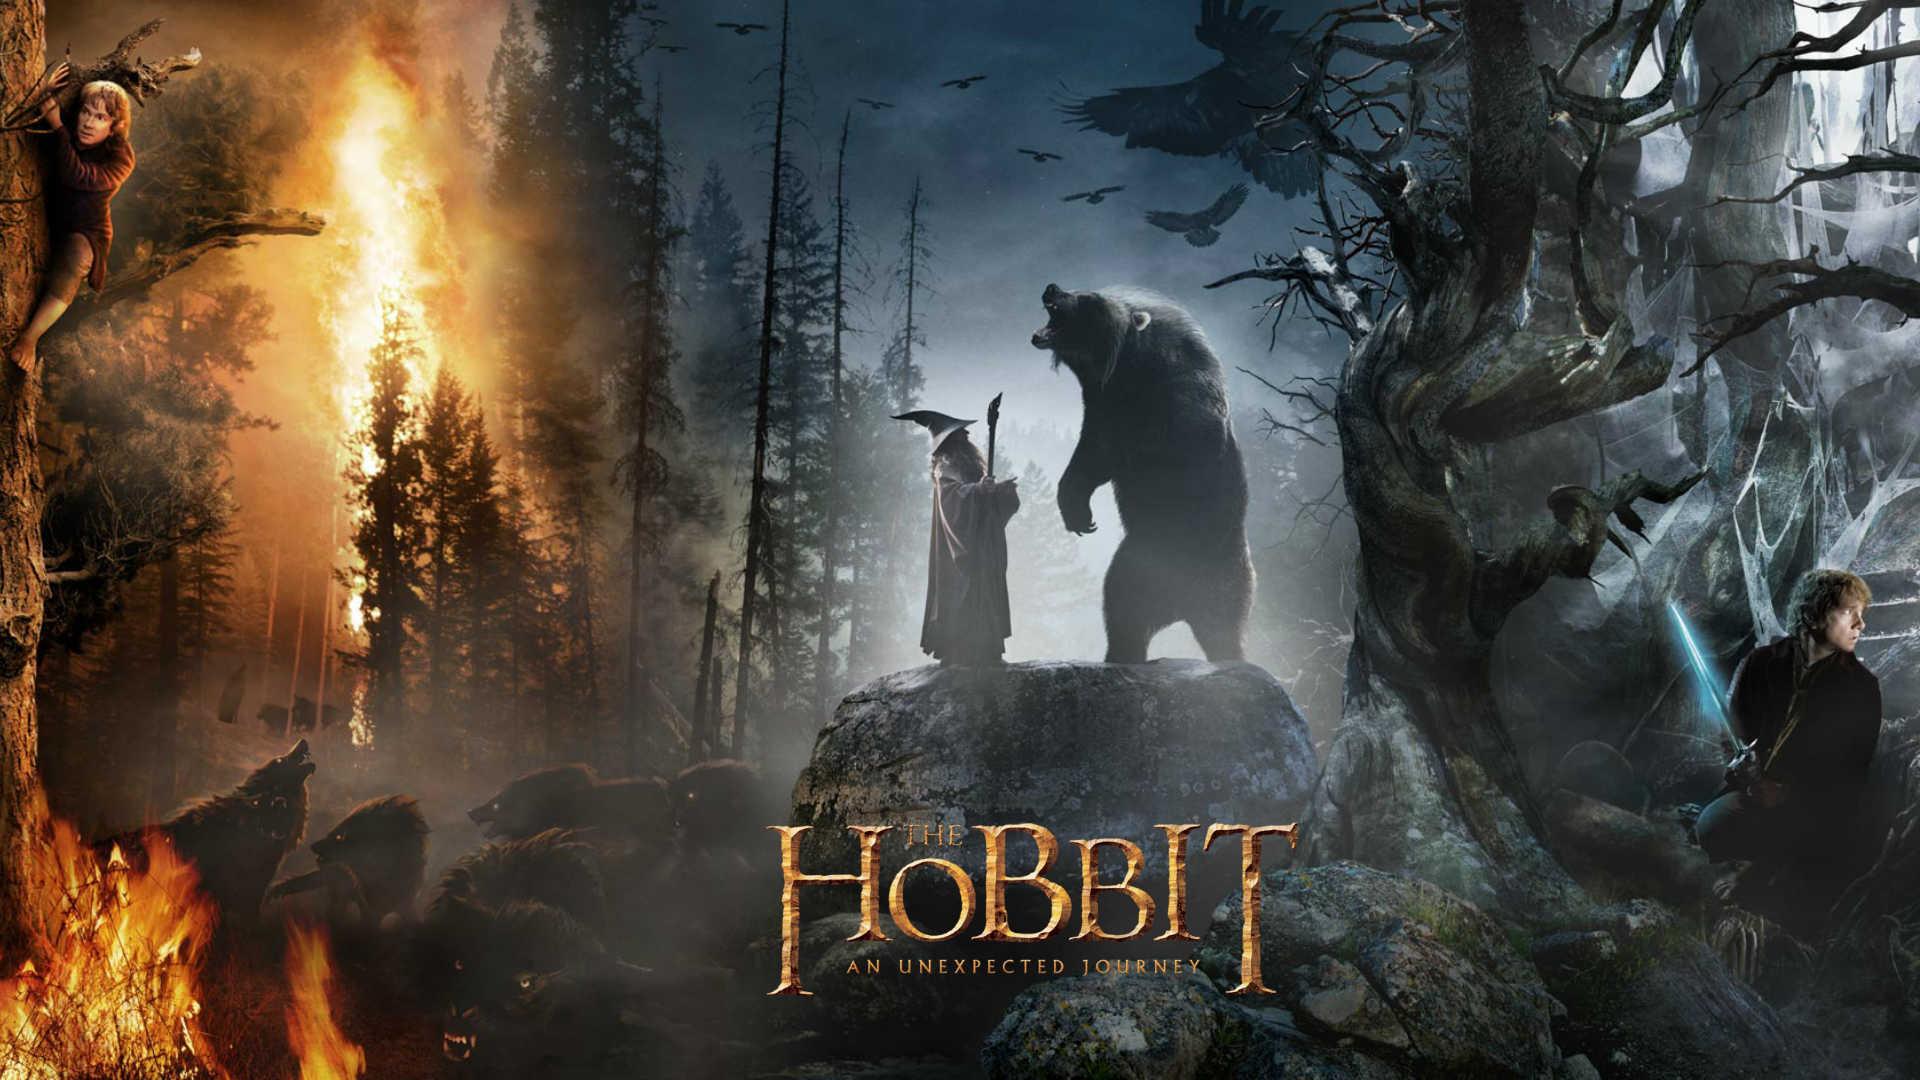 The Hobbit 2012 Movie Wallpaper HD 1080p HD Wallpapers Desktop 1920x1080